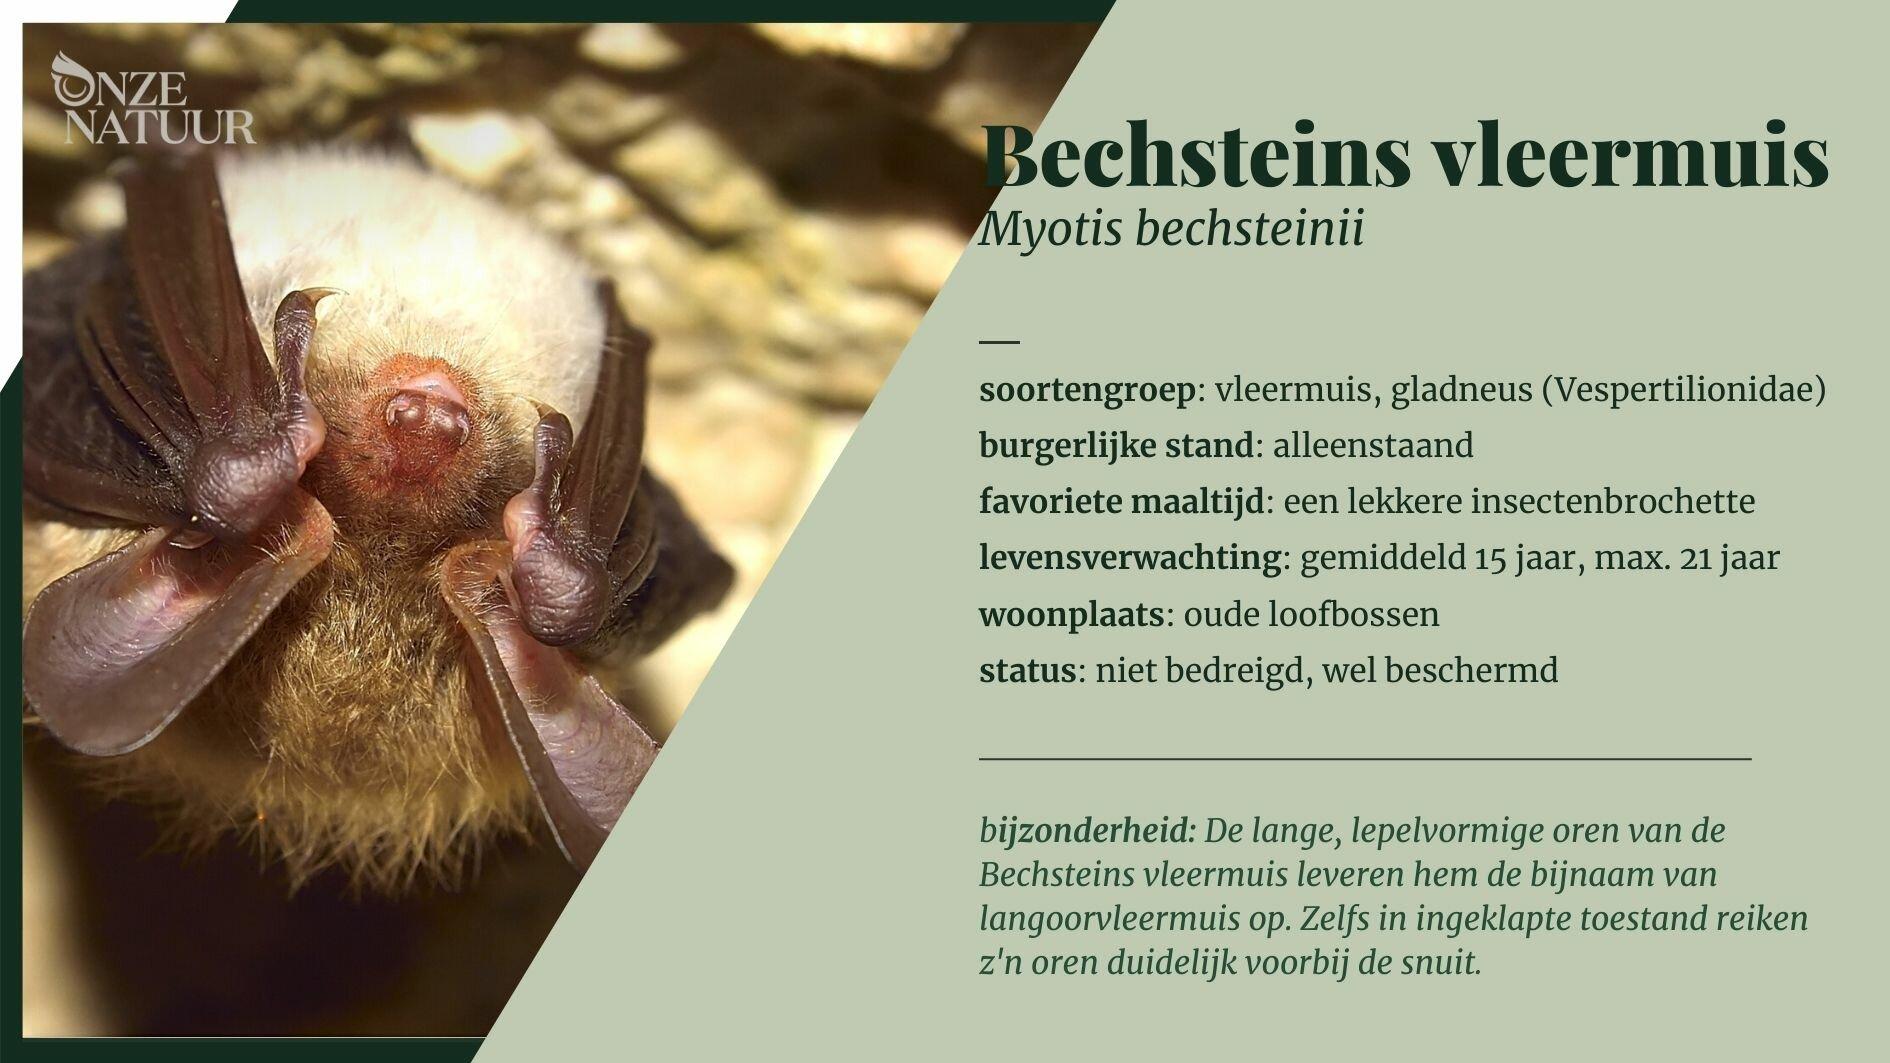 on-fiche-bechsteins-vleermuis-nl.jpg